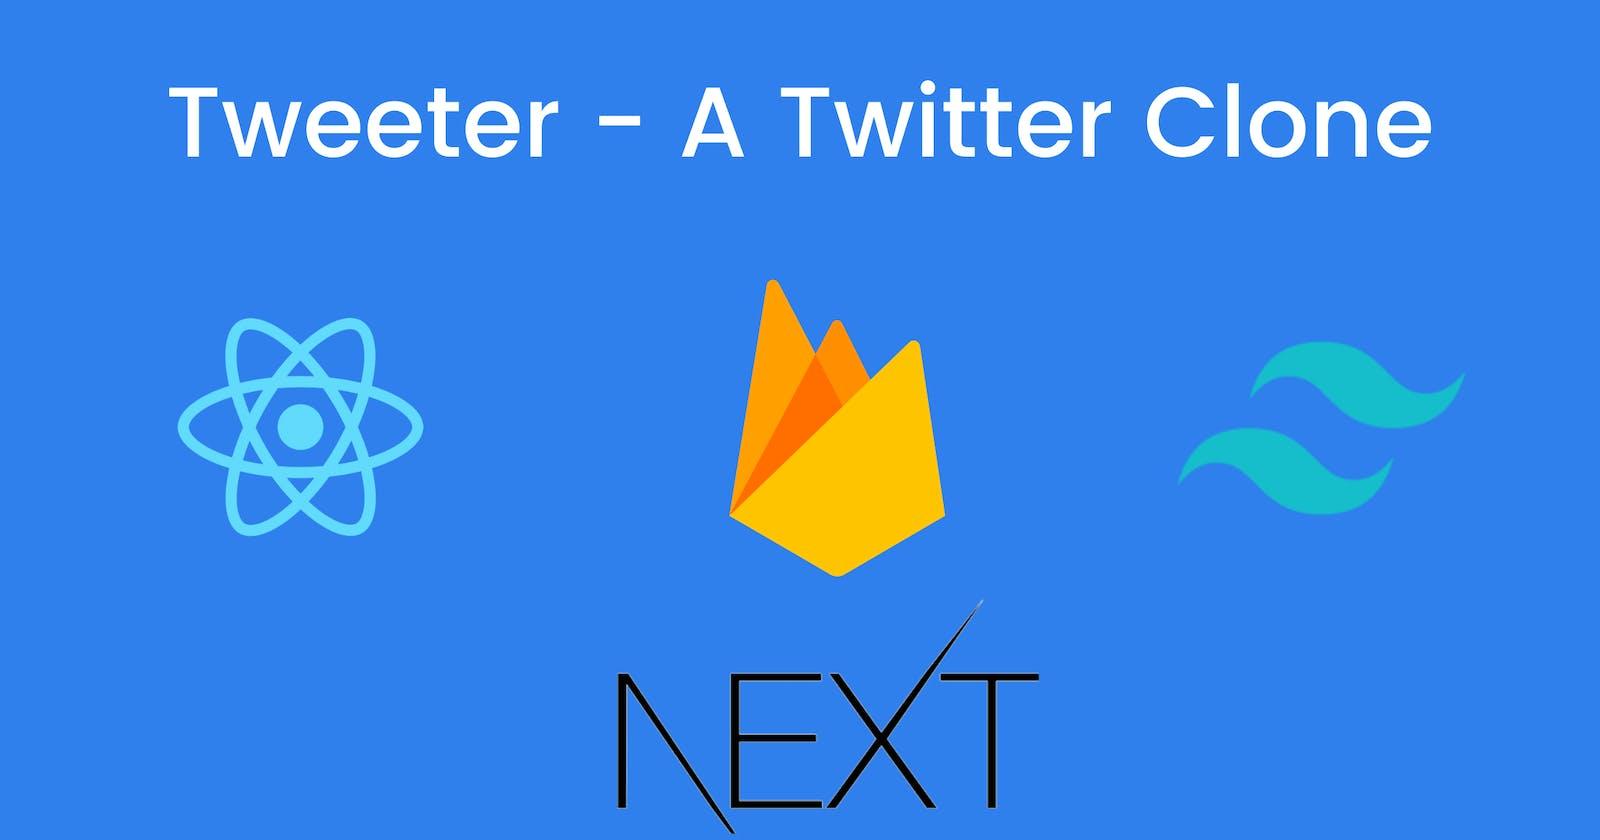 Tweeter - A Twitter clone made using React + Firebase